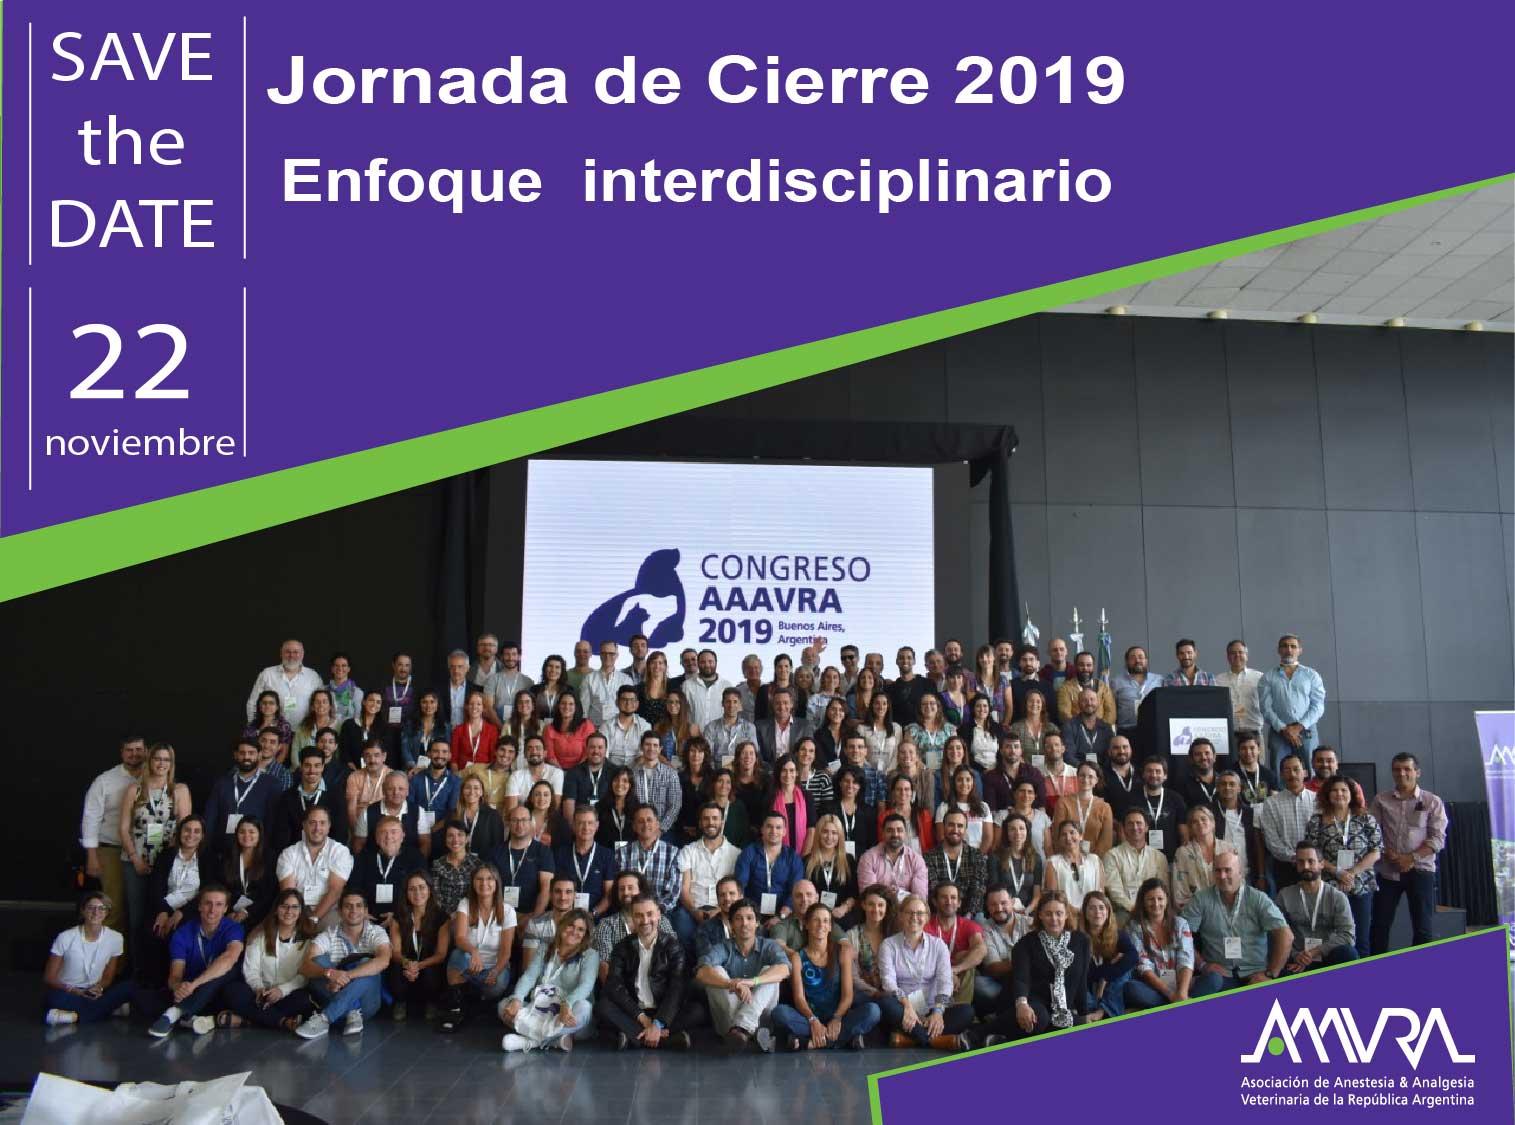 Jornada de Cierre AAAVRA 2019 – Enfoque Interdisciplinario